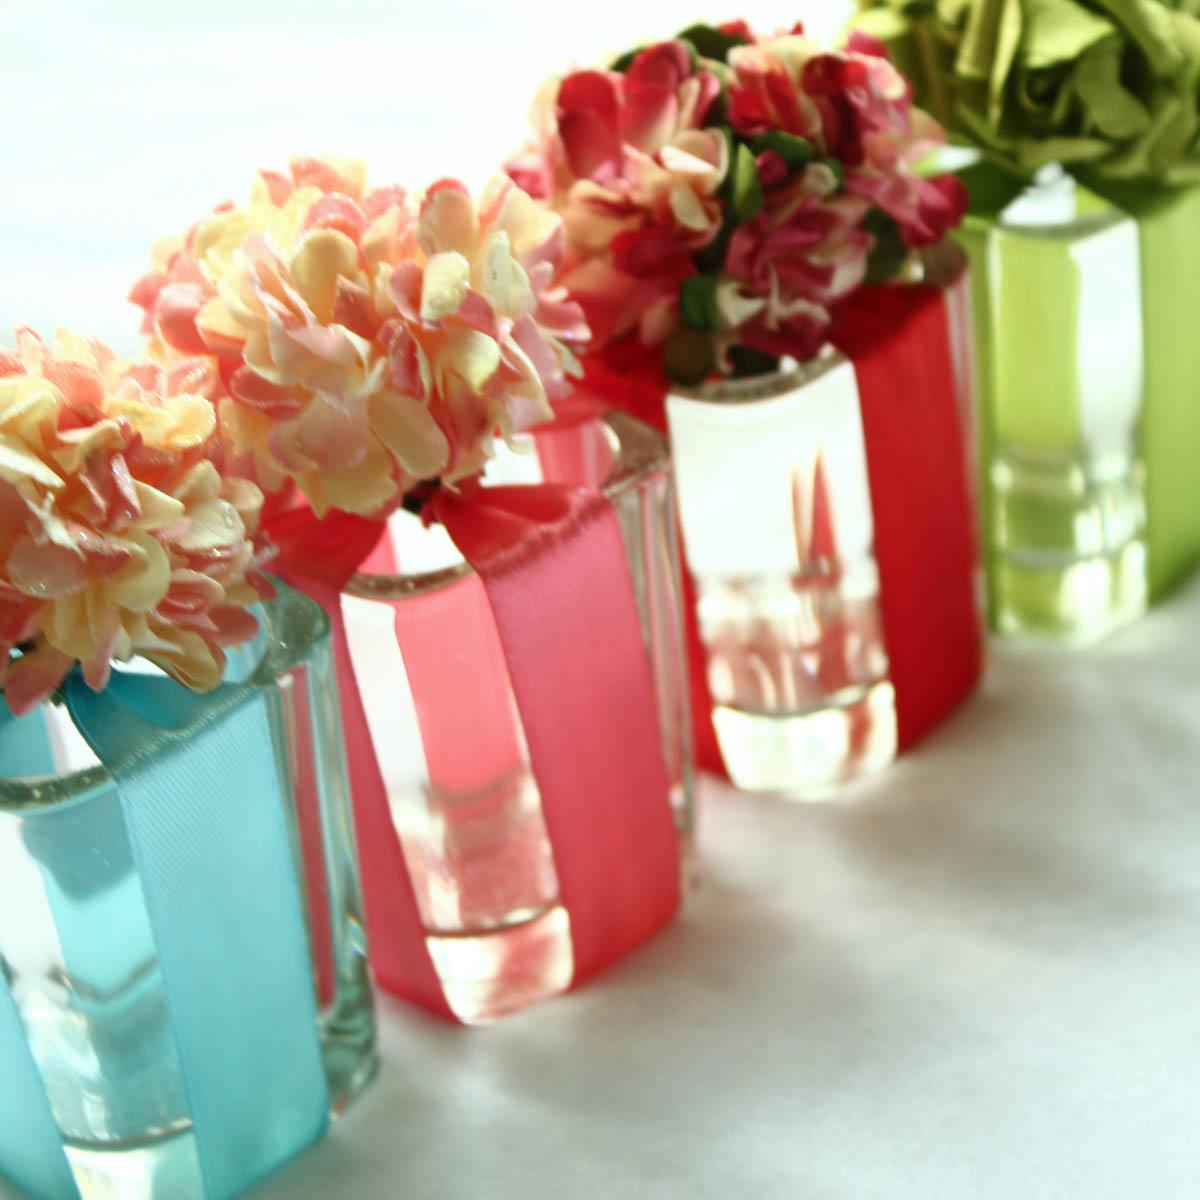 欧式喜糖盒子批发/创意喜糖袋/结婚庆用品/个性成品糖盒/玻璃瓶子